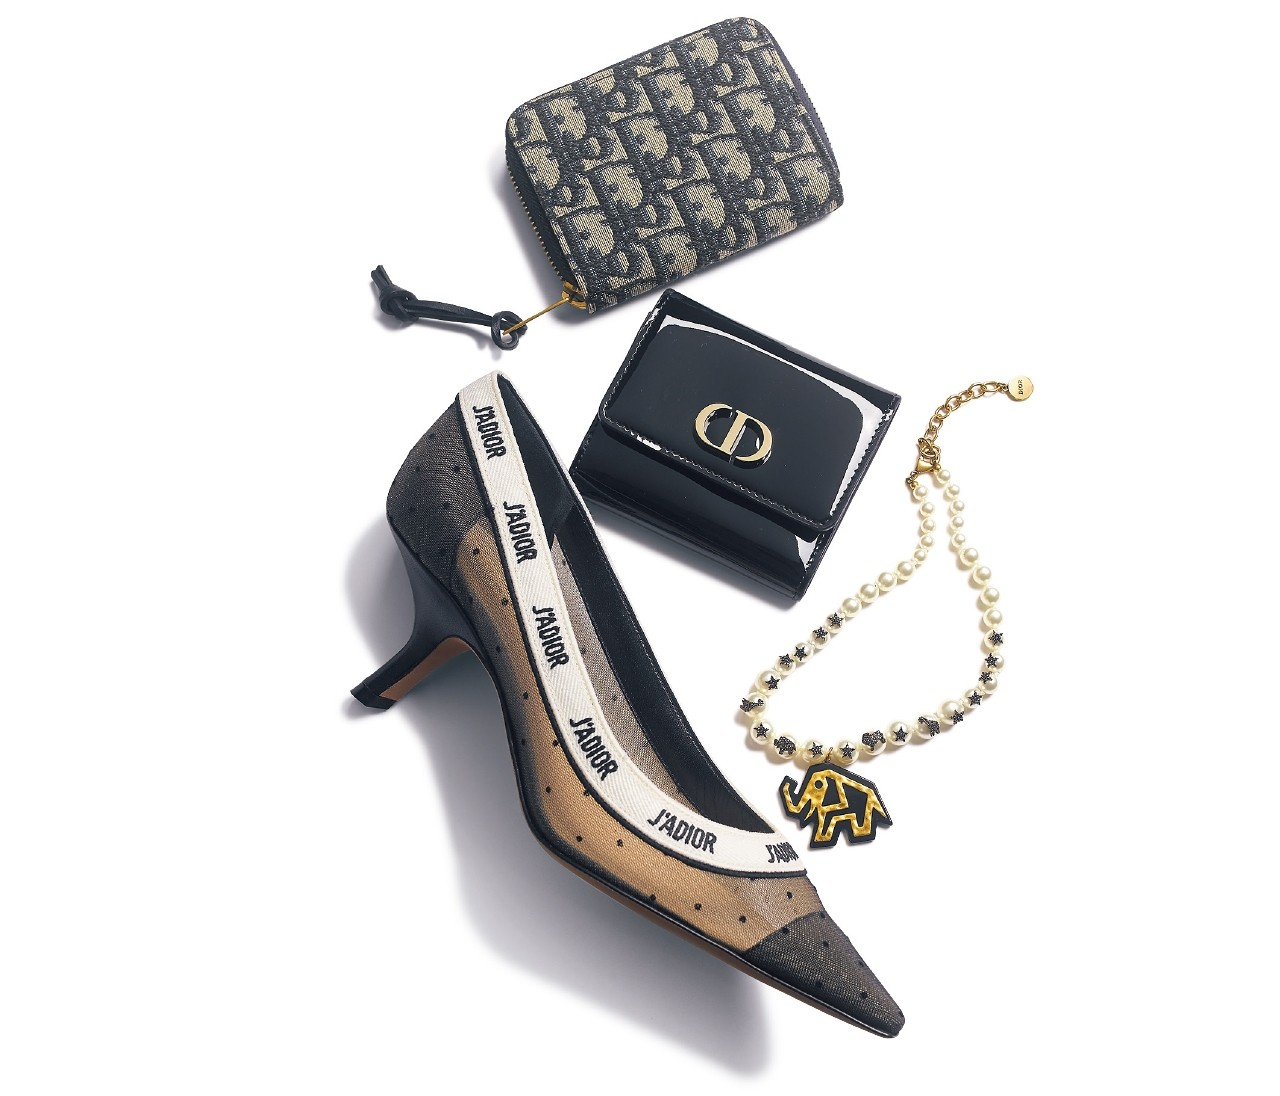 【クリスマスギフト】「Dior(ディオール)」はエッジの効いたアイテムから目が離せない!